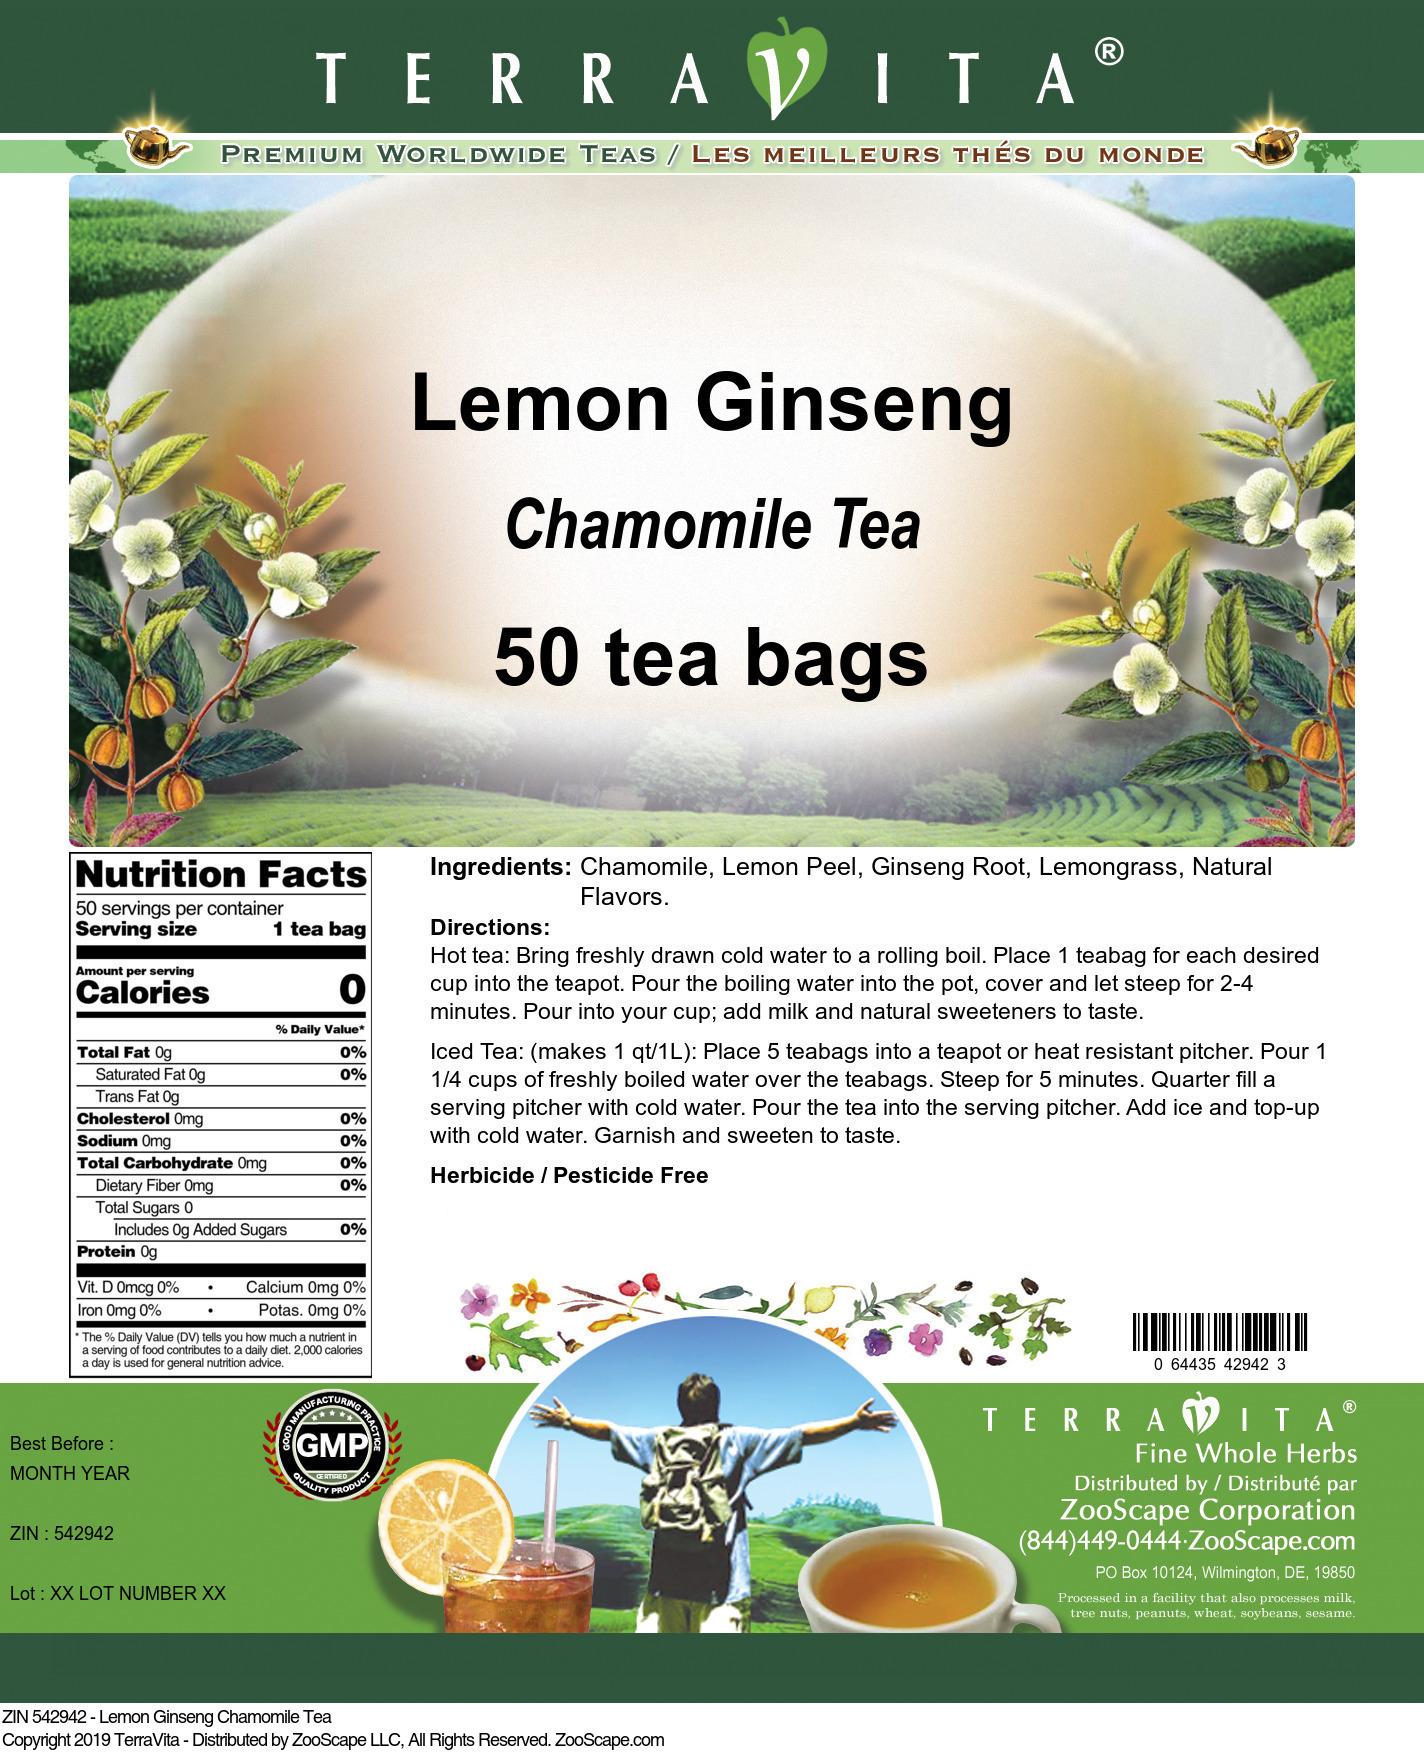 Lemon Ginseng Chamomile Tea